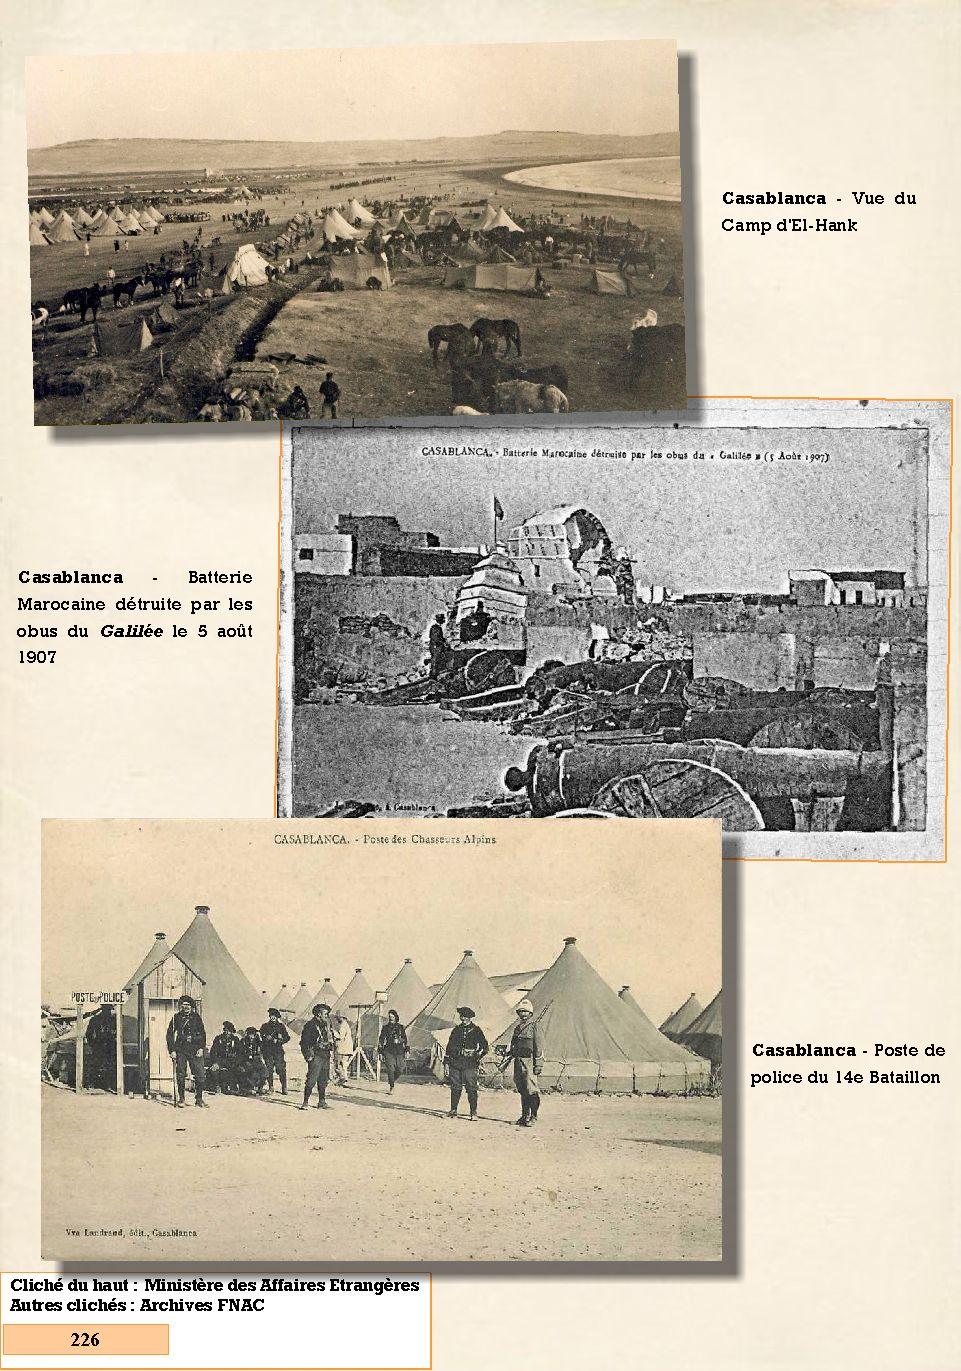 L'Historique du 14e Bataillon de Chasseurs. 1854 - 1962 226_pa10